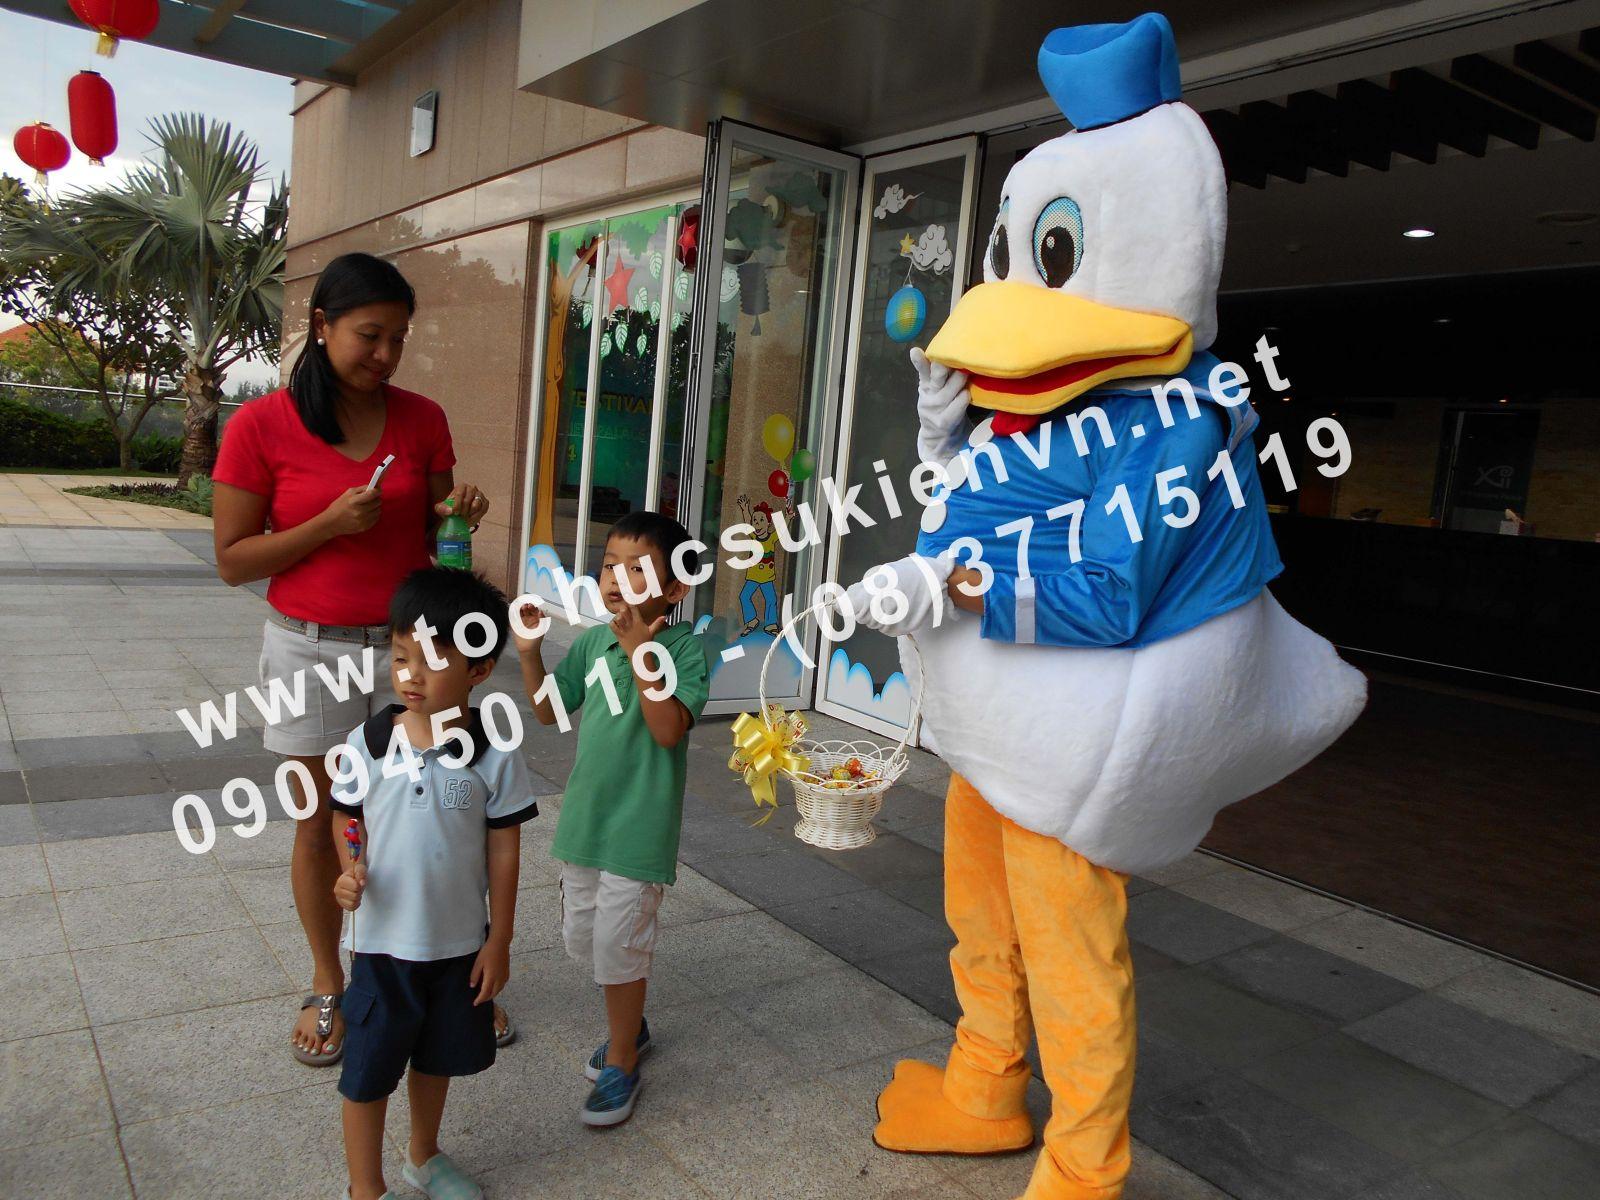 Cho thuê mascot gấu pooh, chuột micky Ngàn Thông 2